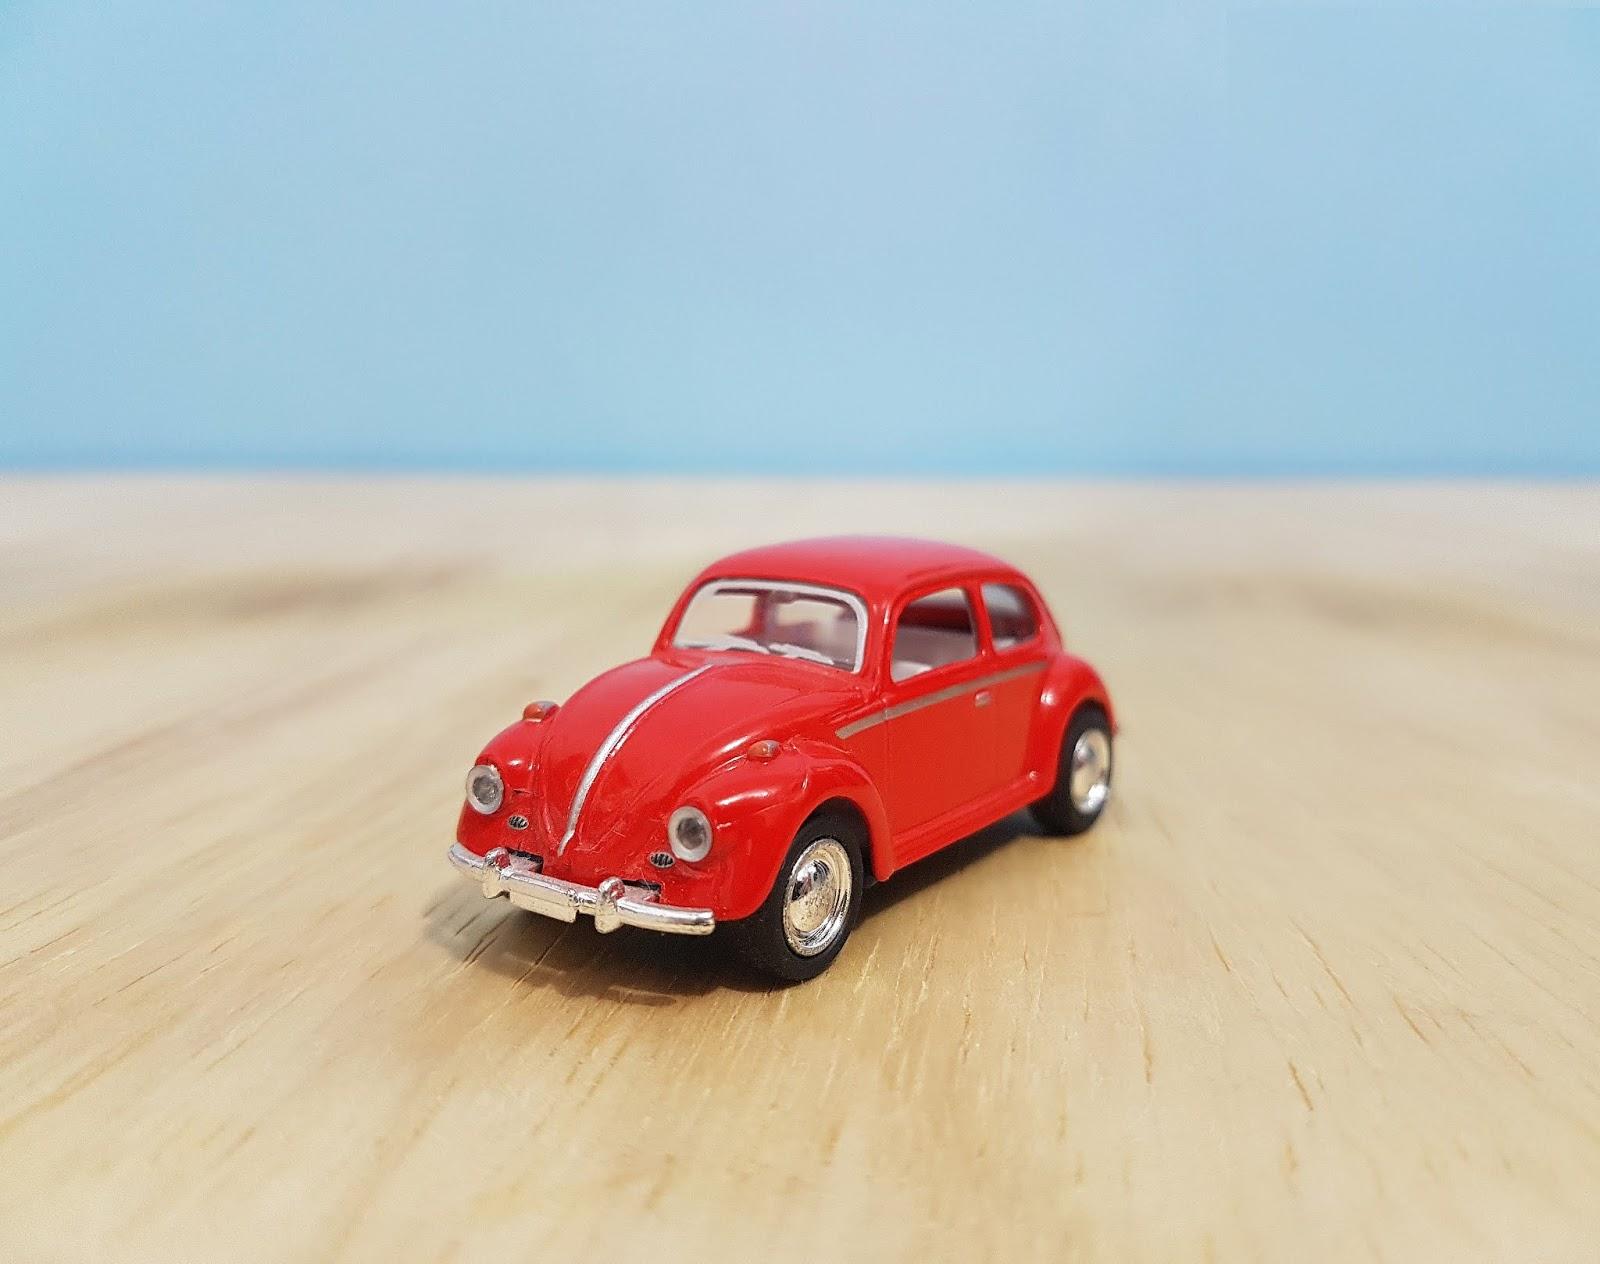 Car Wallpaper Hd Car Wallpaper Download Car Wallpaper - Red Car Toy Vintage , HD Wallpaper & Backgrounds